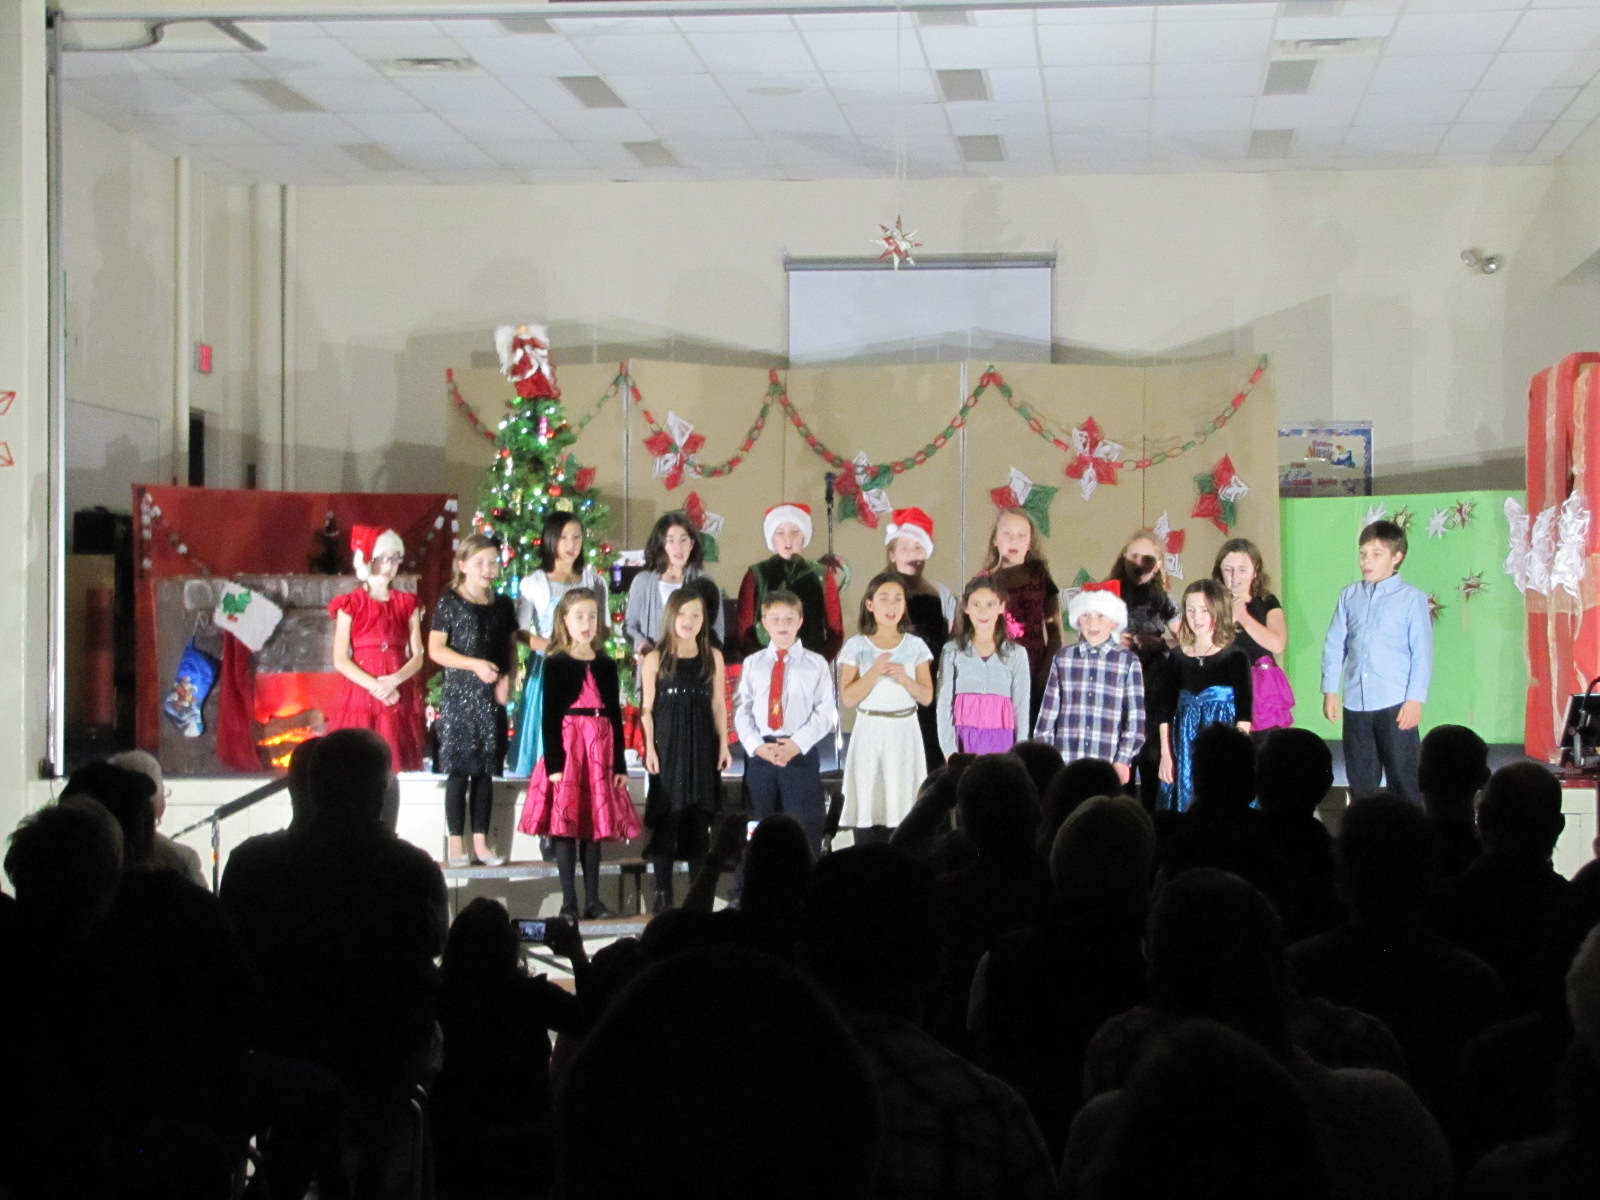 2014-12-17 TV School Christmas Concert 004